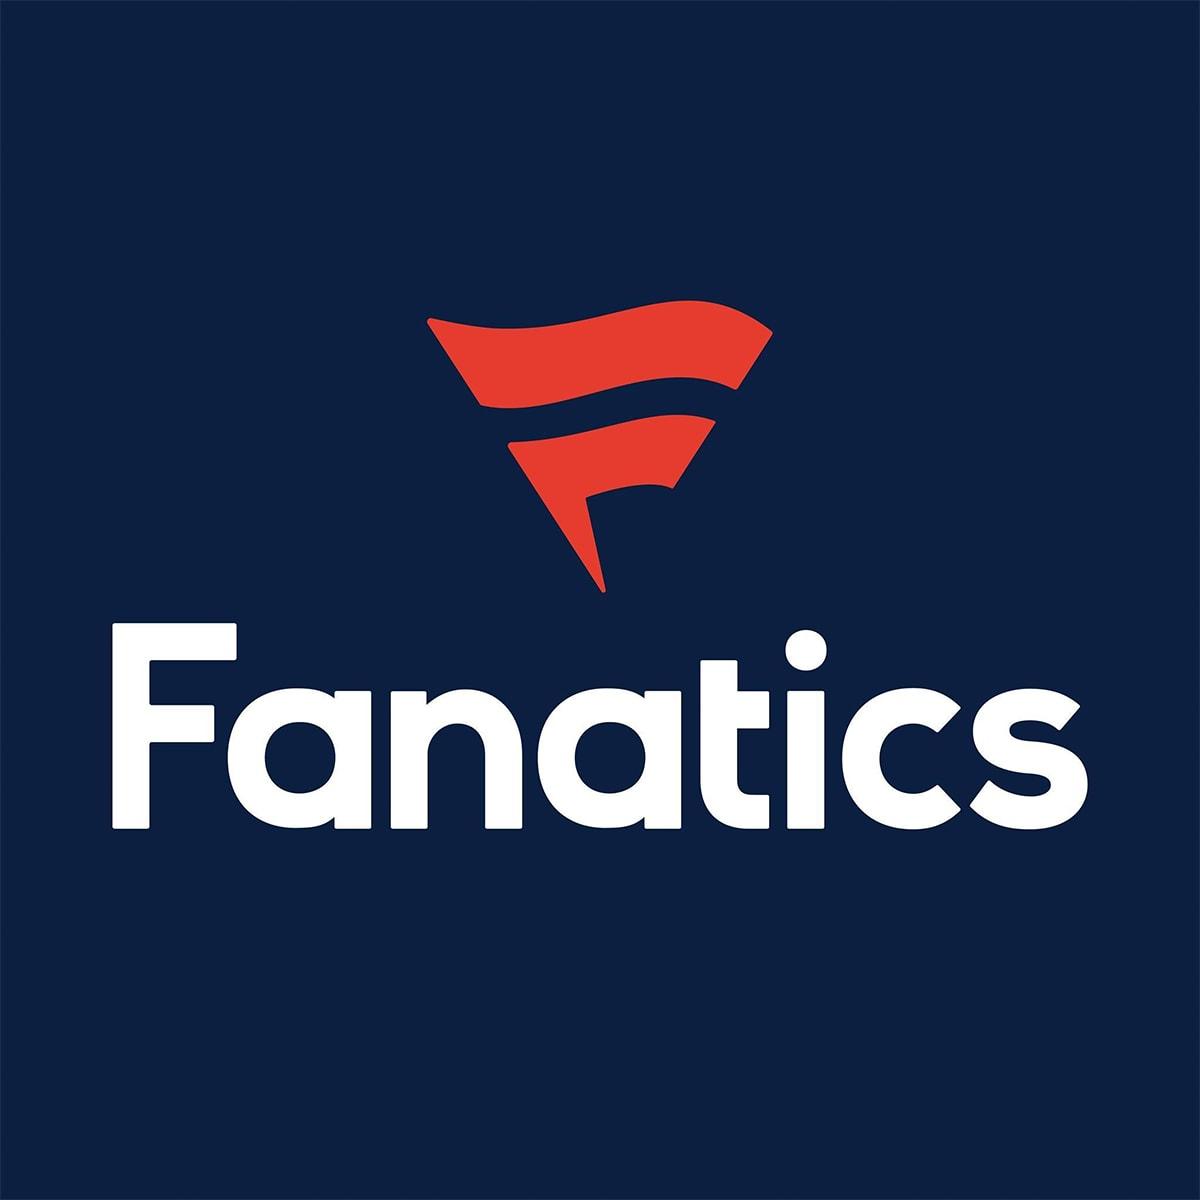 Fanatics - Fivestar brand partner